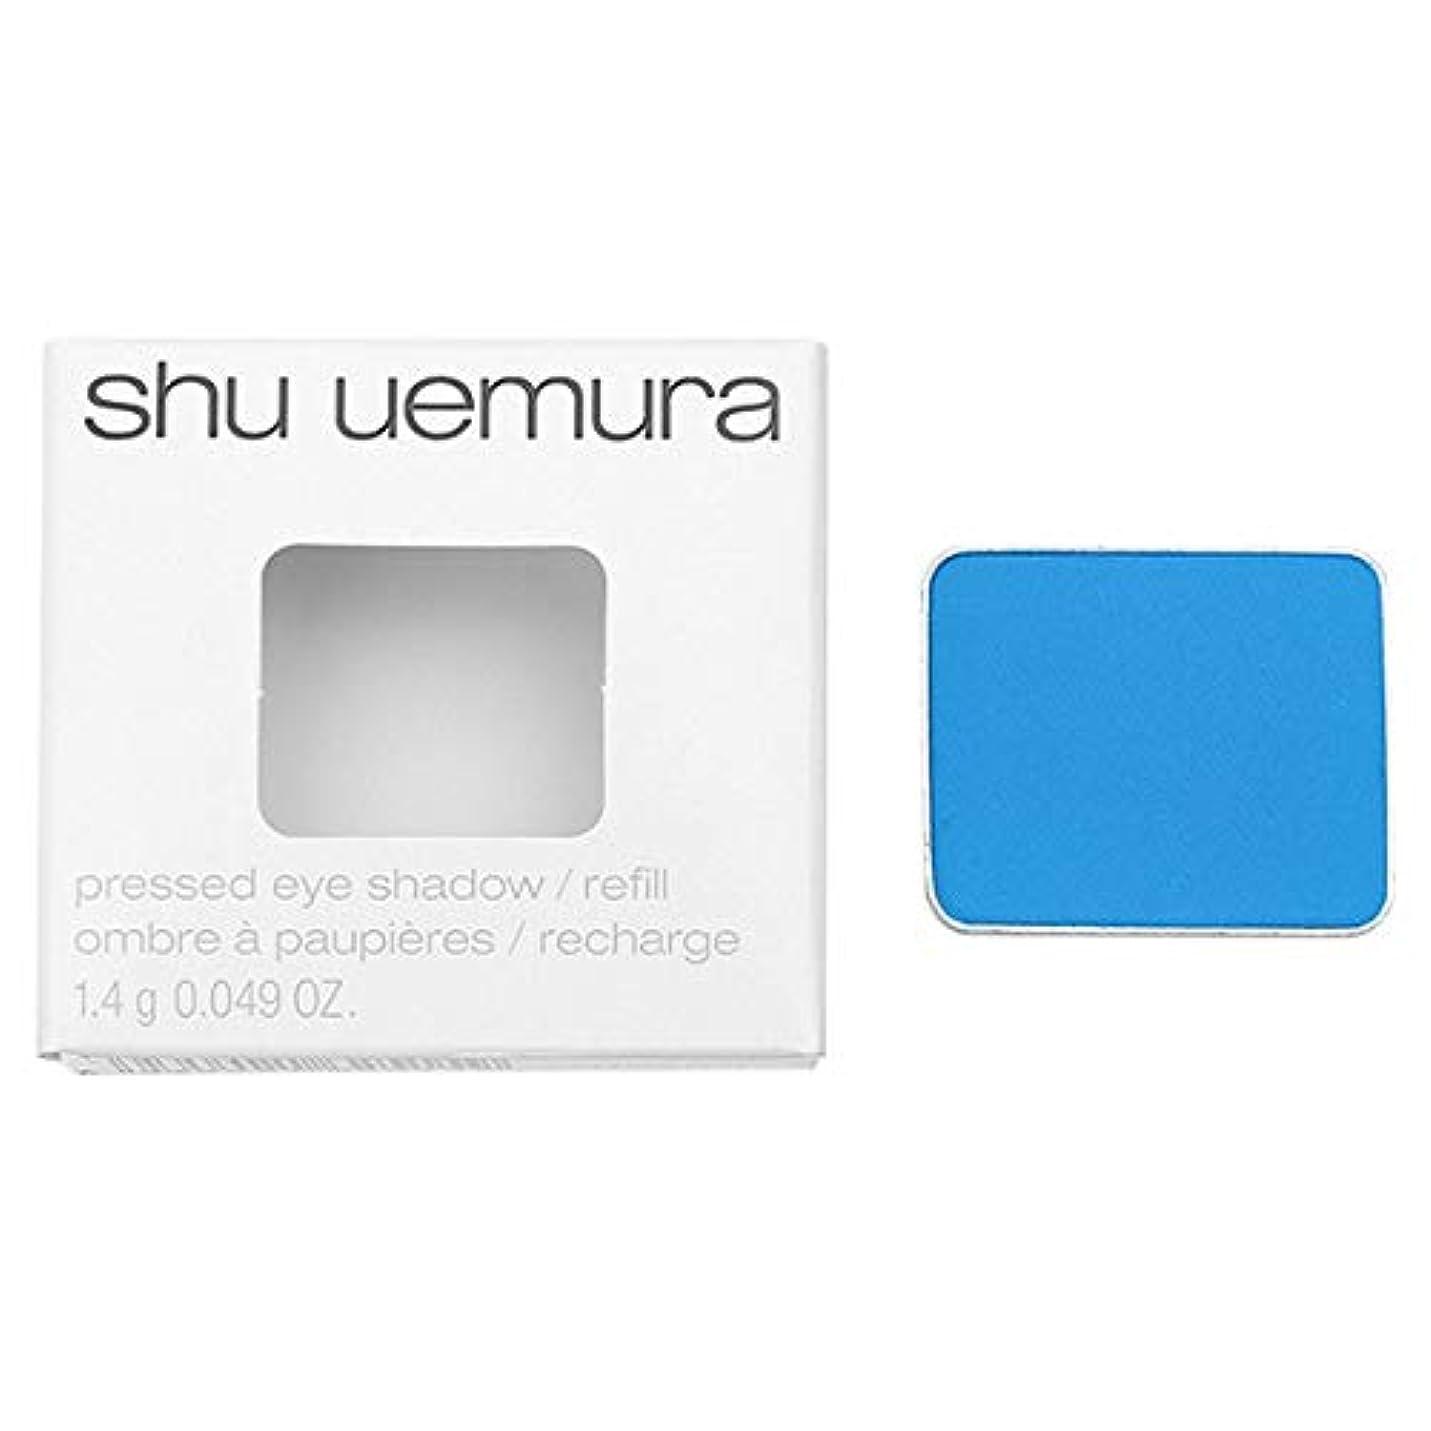 半円スチール絵シュウウエムラ shu uemura プレスドアイシャドー 【詰め替え用】 S665ブルー (在庫)